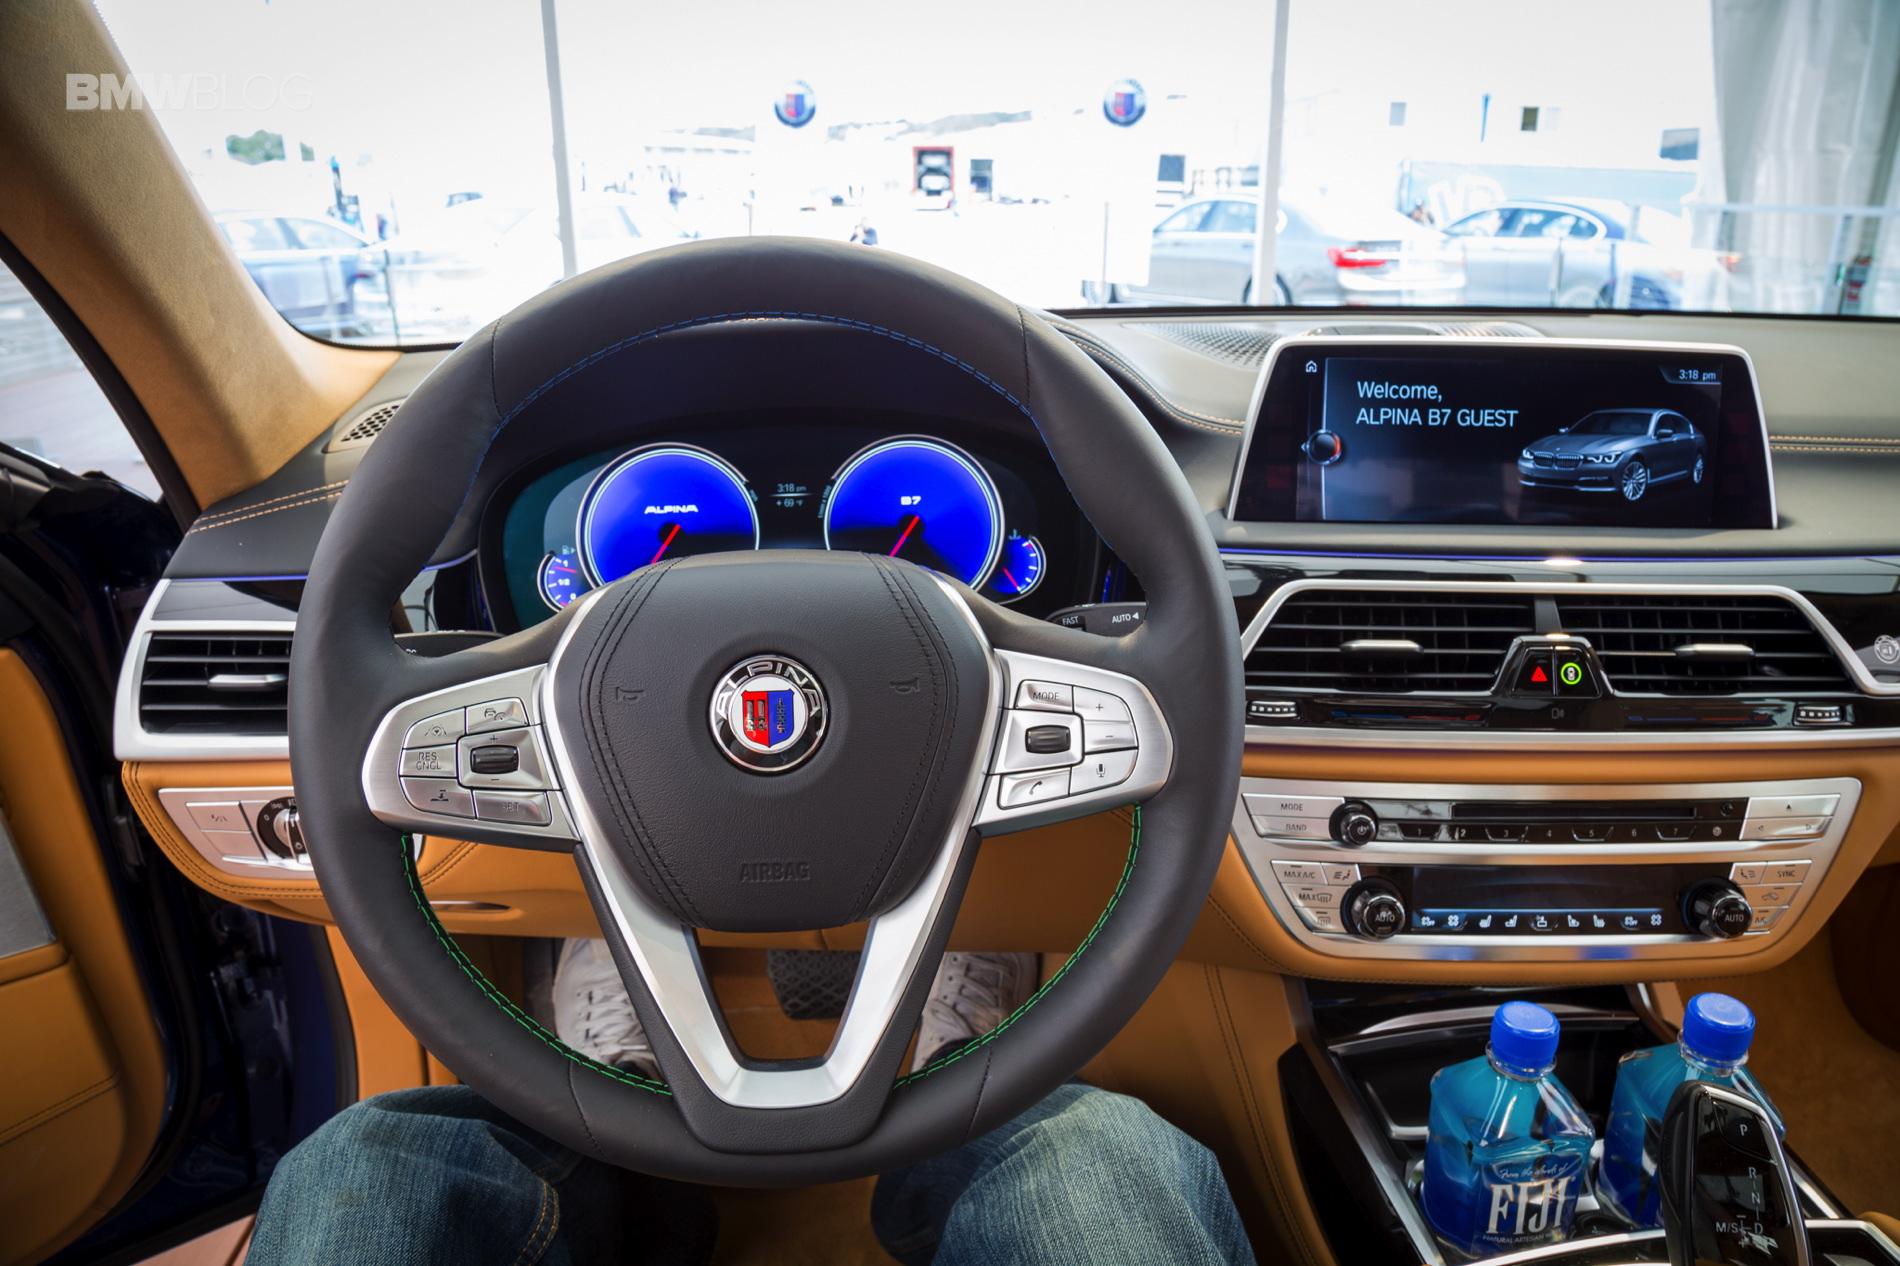 TEST DRIVE: 2017 BMW ALPINA B7 xDrive